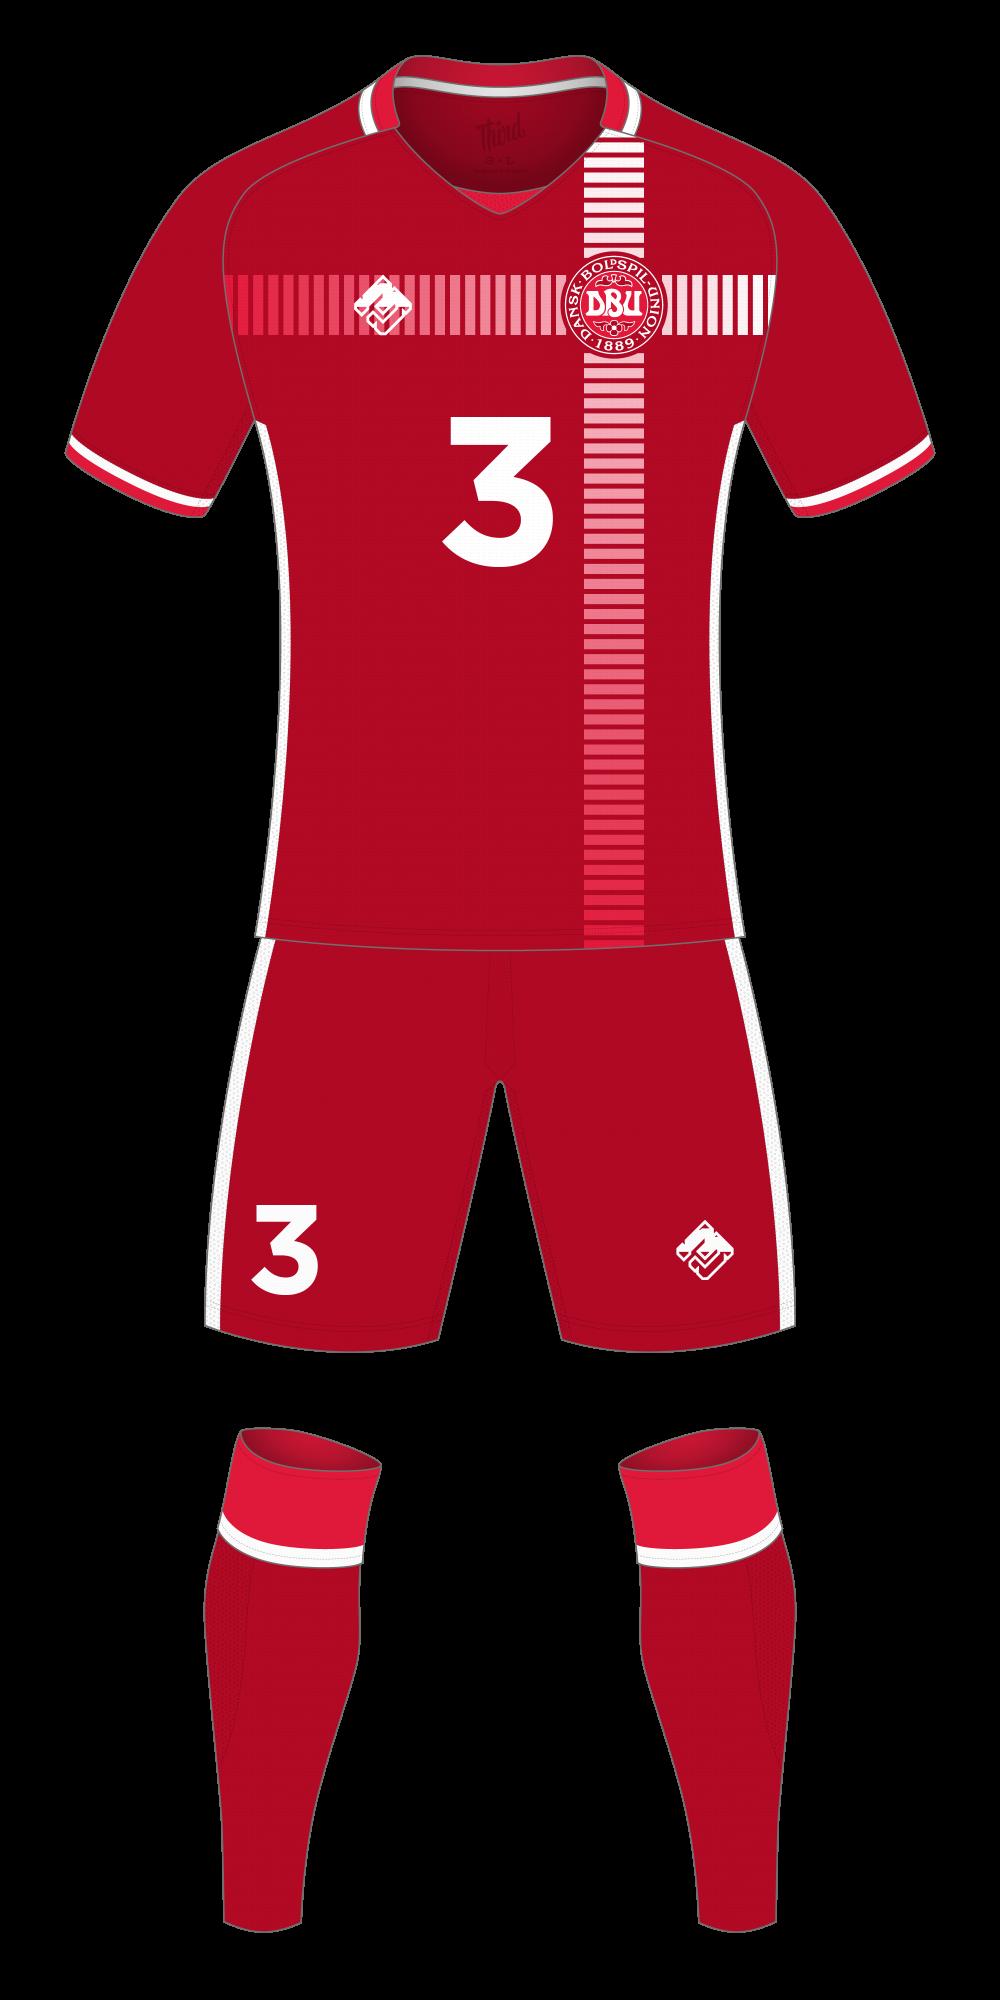 Denmark World Cup 2018 concept